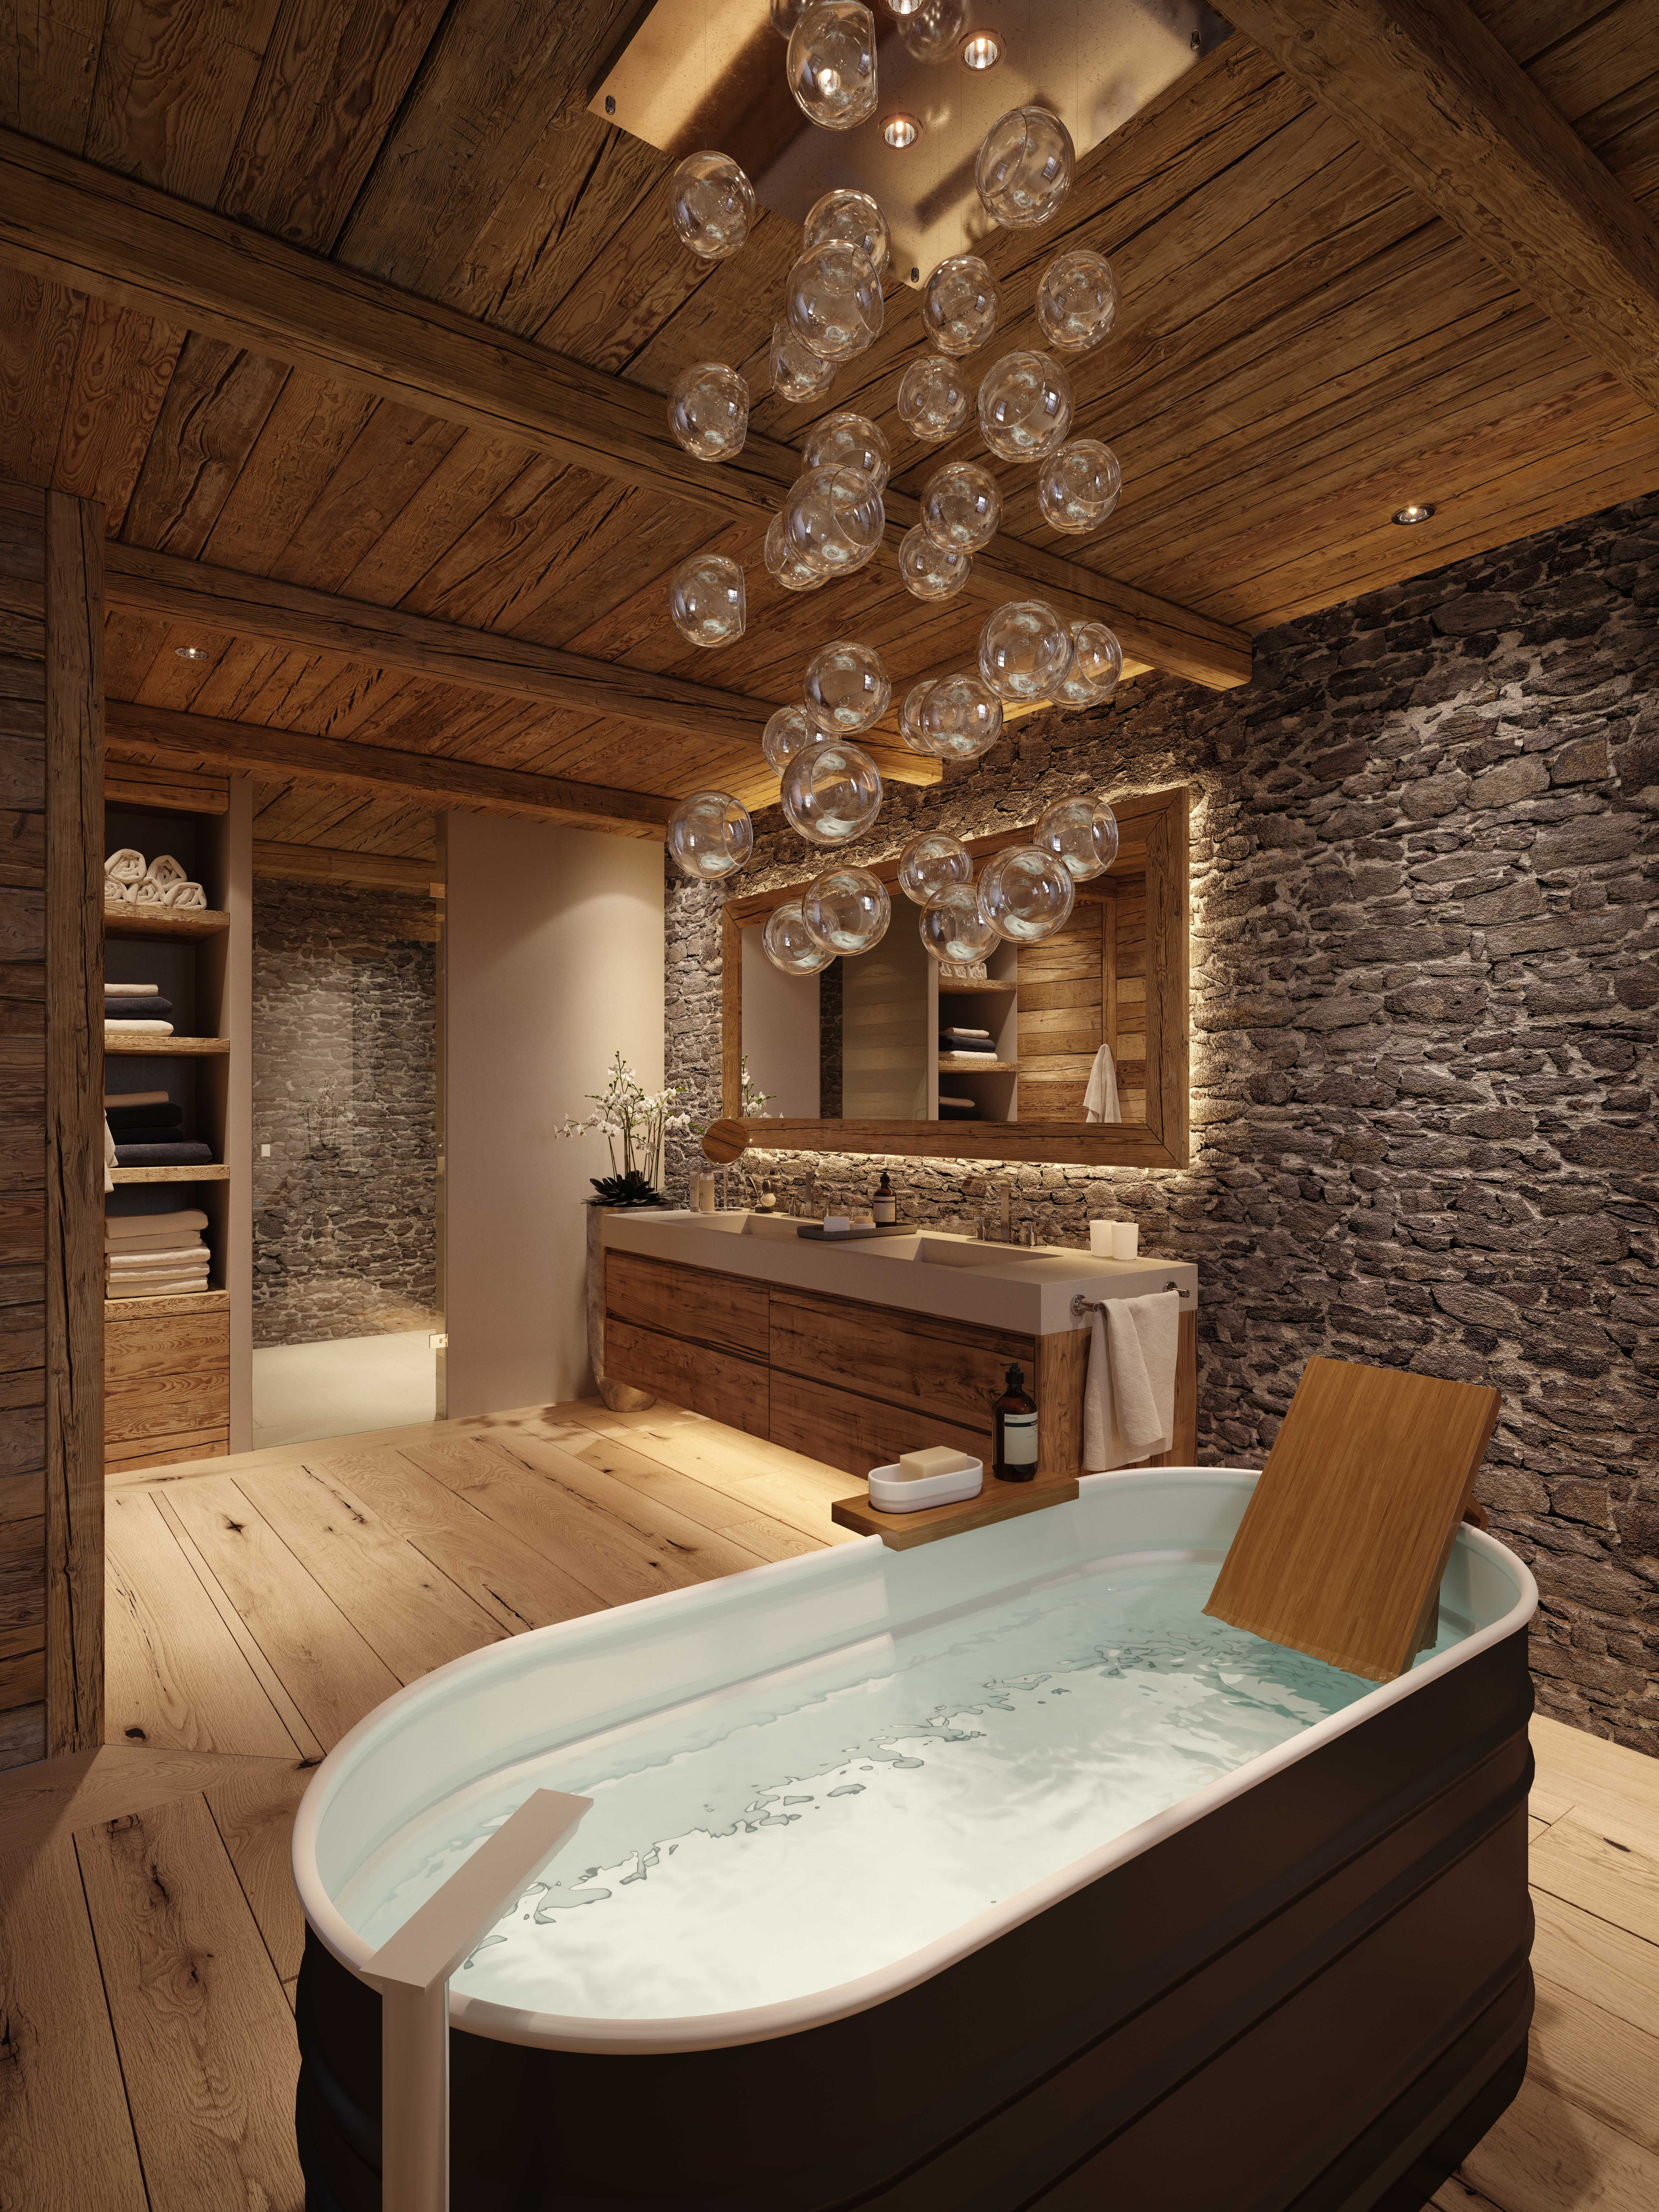 Pin von ok auf pretty nice in 2019 | Badezimmer, Badezimmer ...